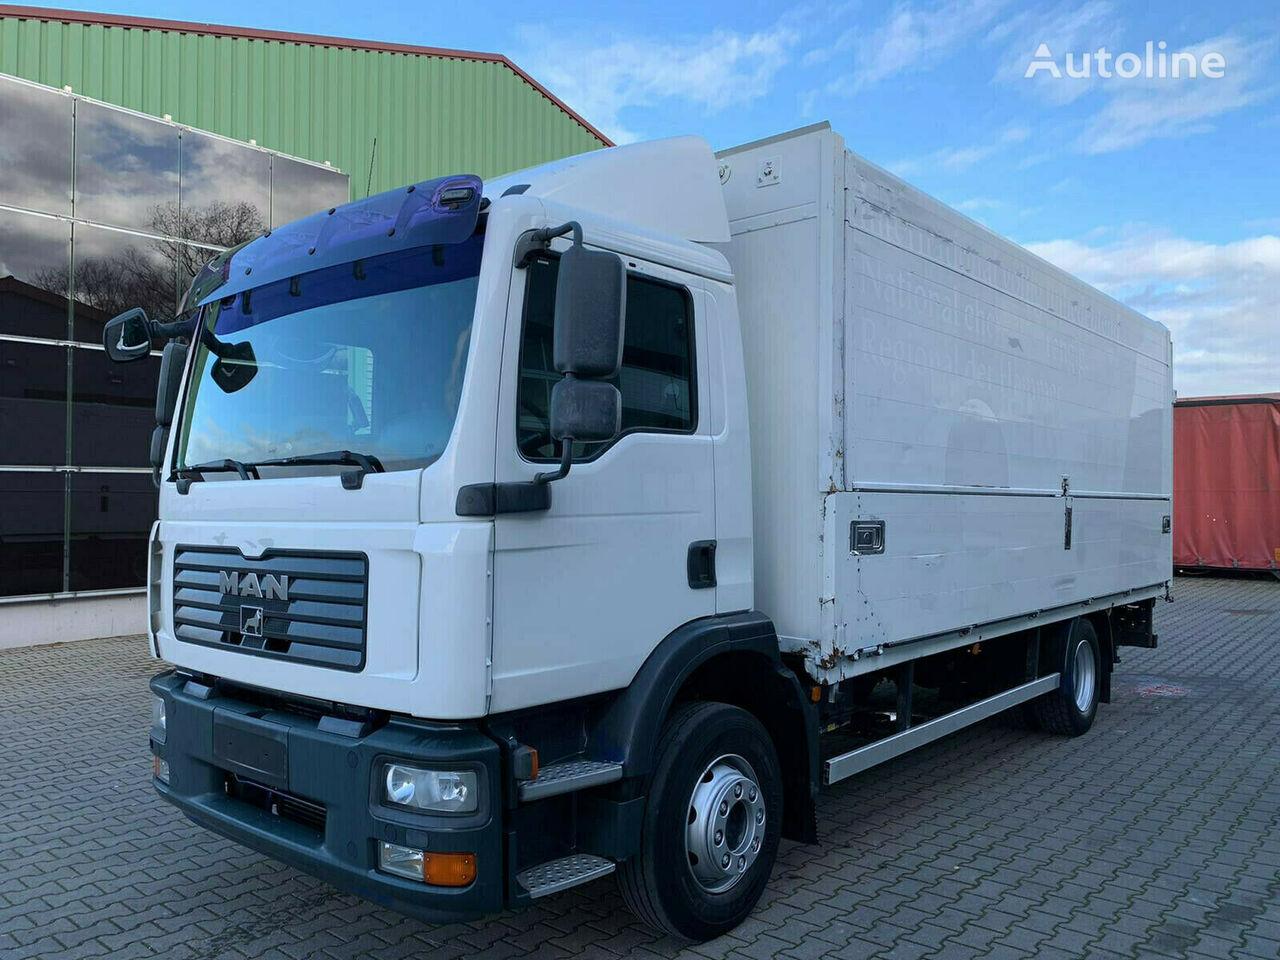 MAN TGM 15.280 4x2 Euro 4 Automatik Getränkekoffer LBW (26) box truck